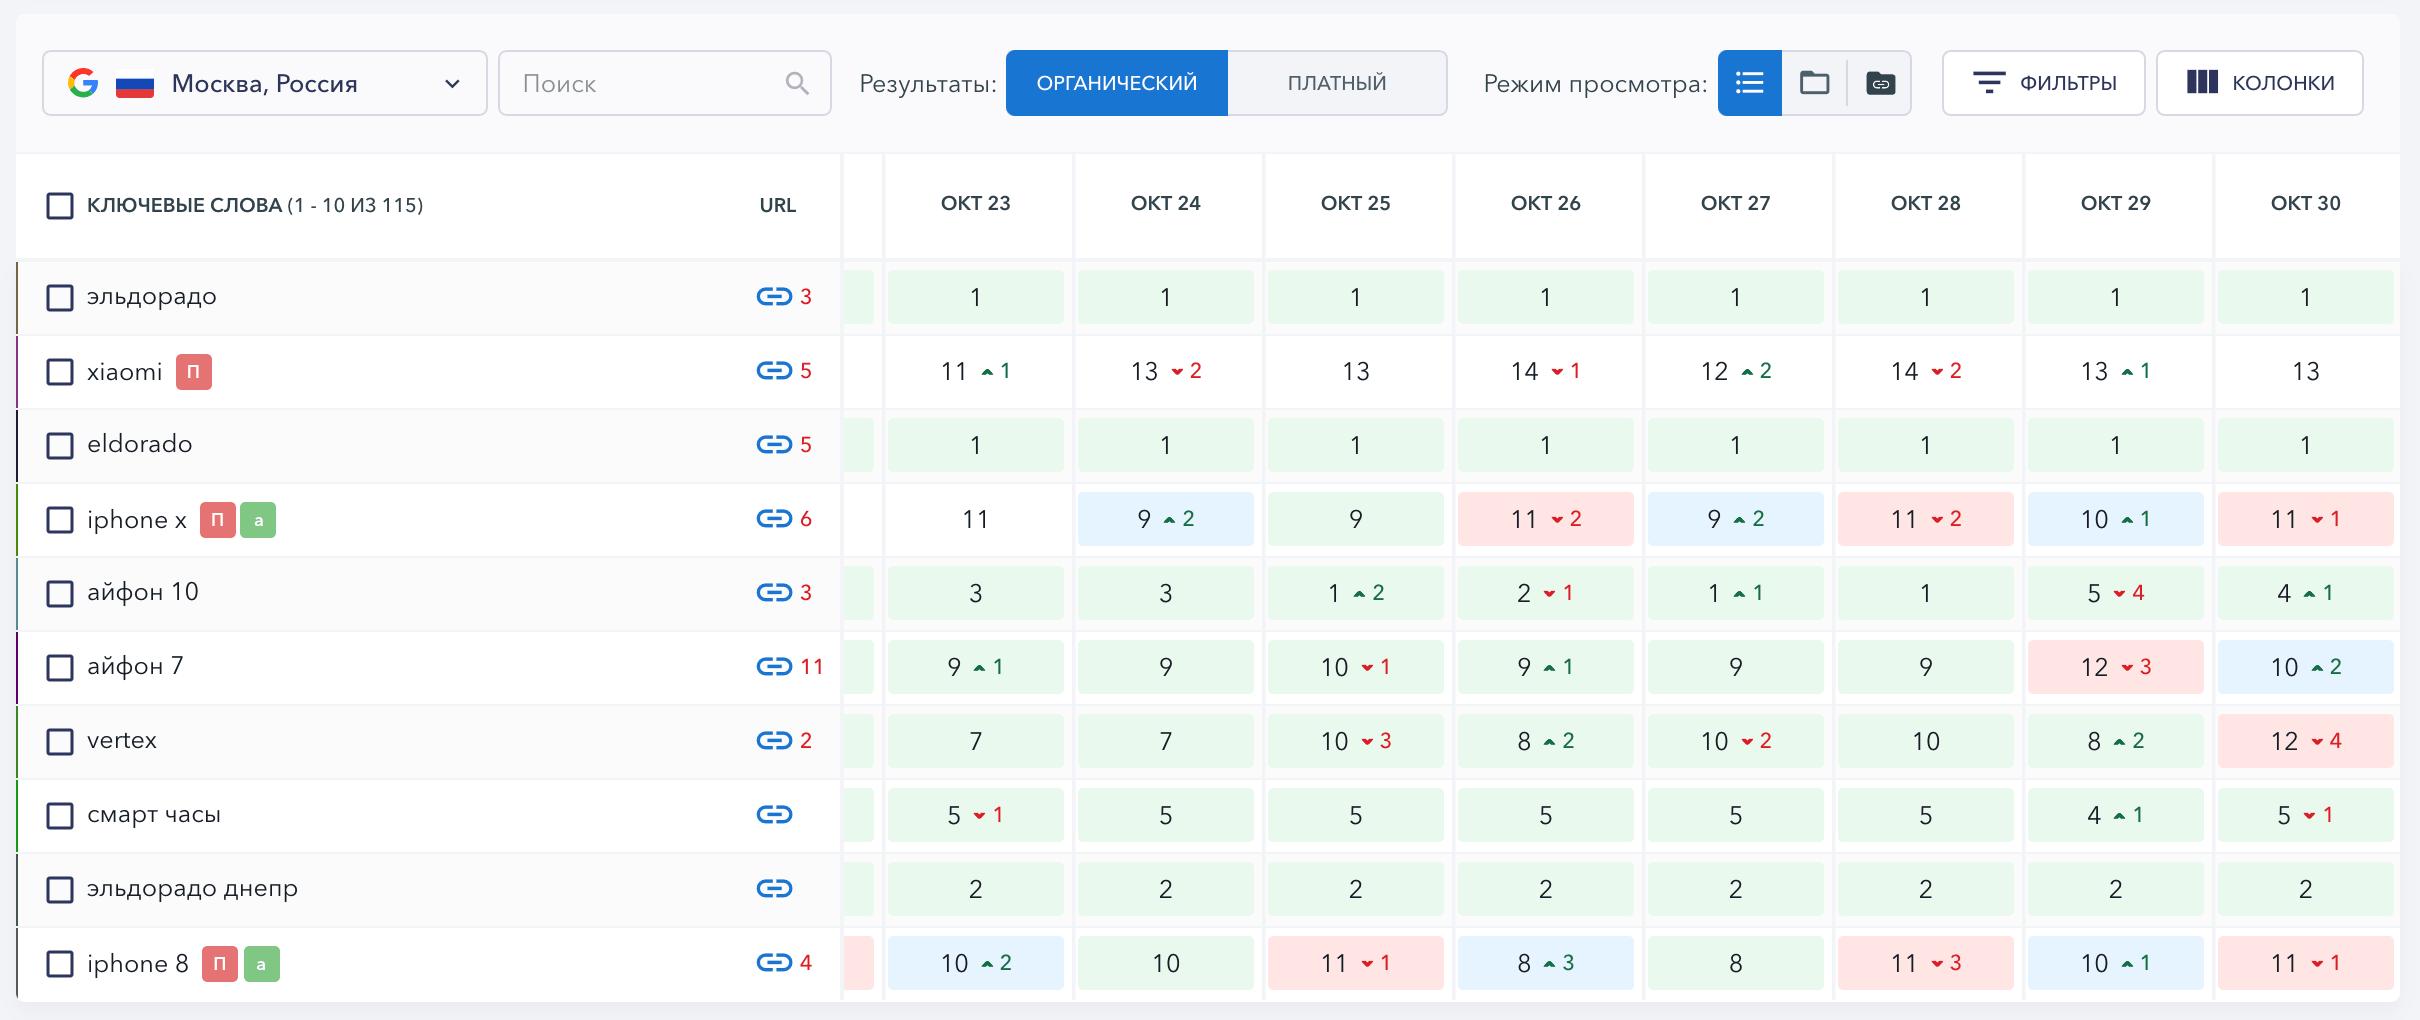 Таблица позиций в SE Ranking с отключенными колонками